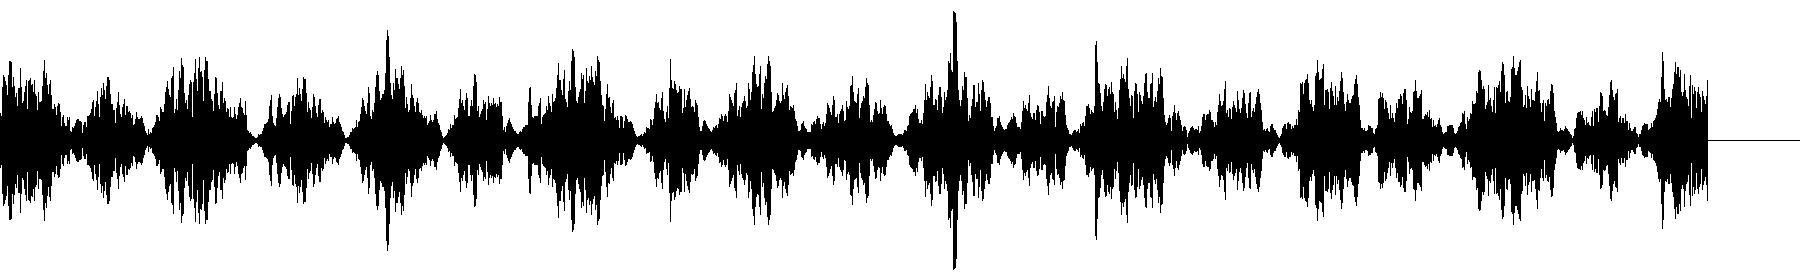 bluezone orbit sound 002